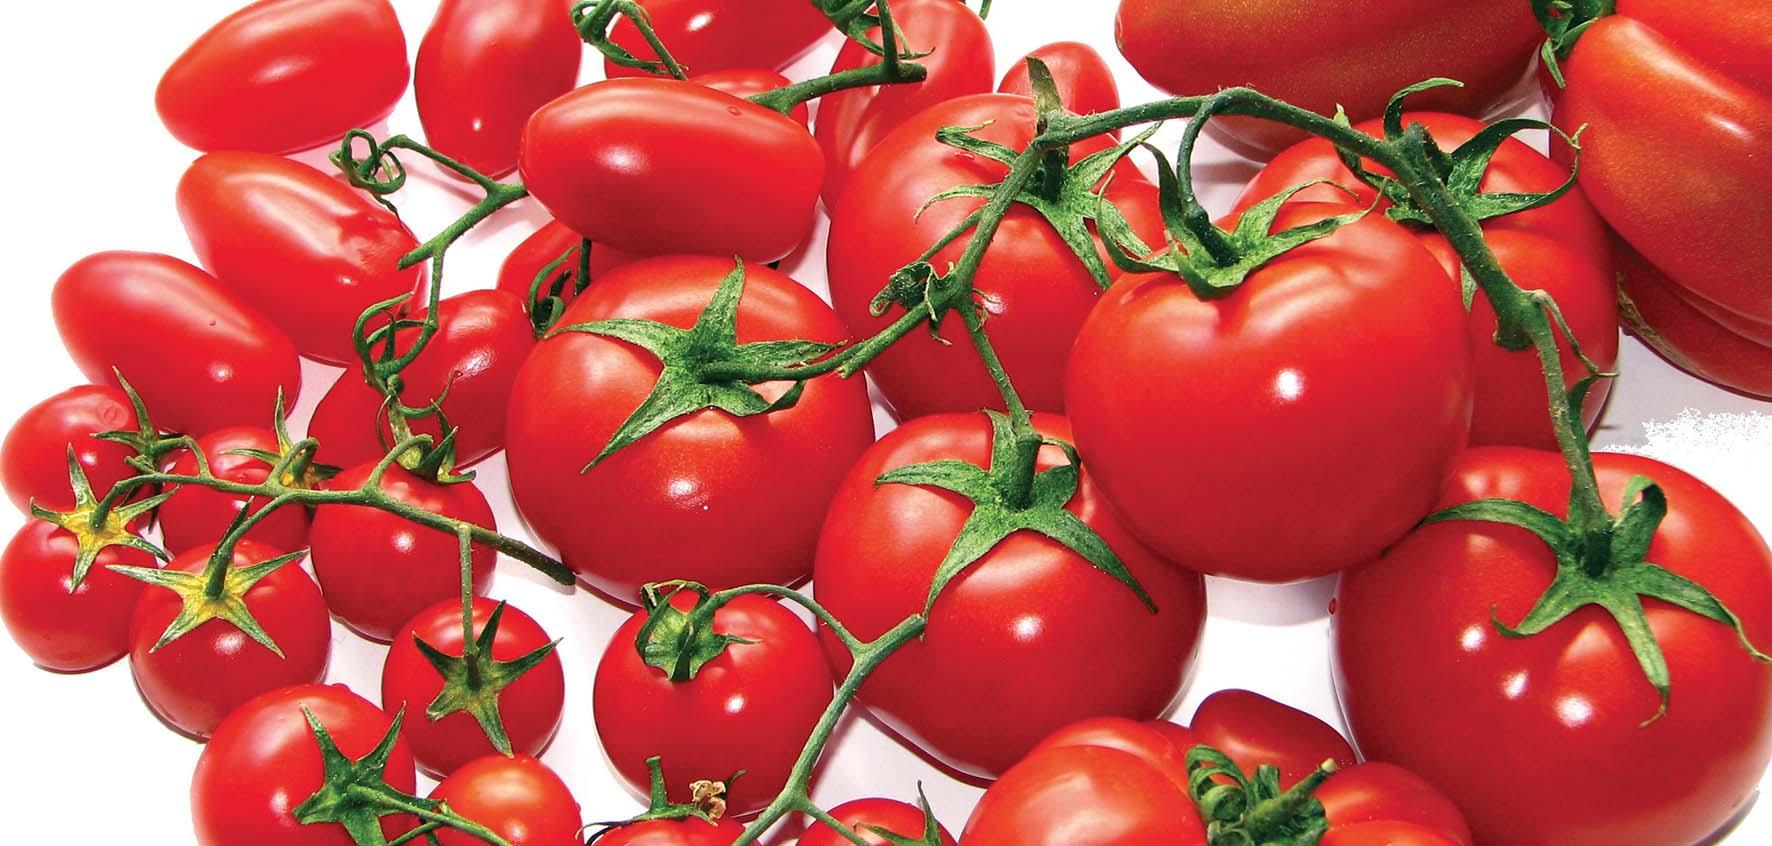 pomodoro Solanum lycopersicum Varietà di pomodori